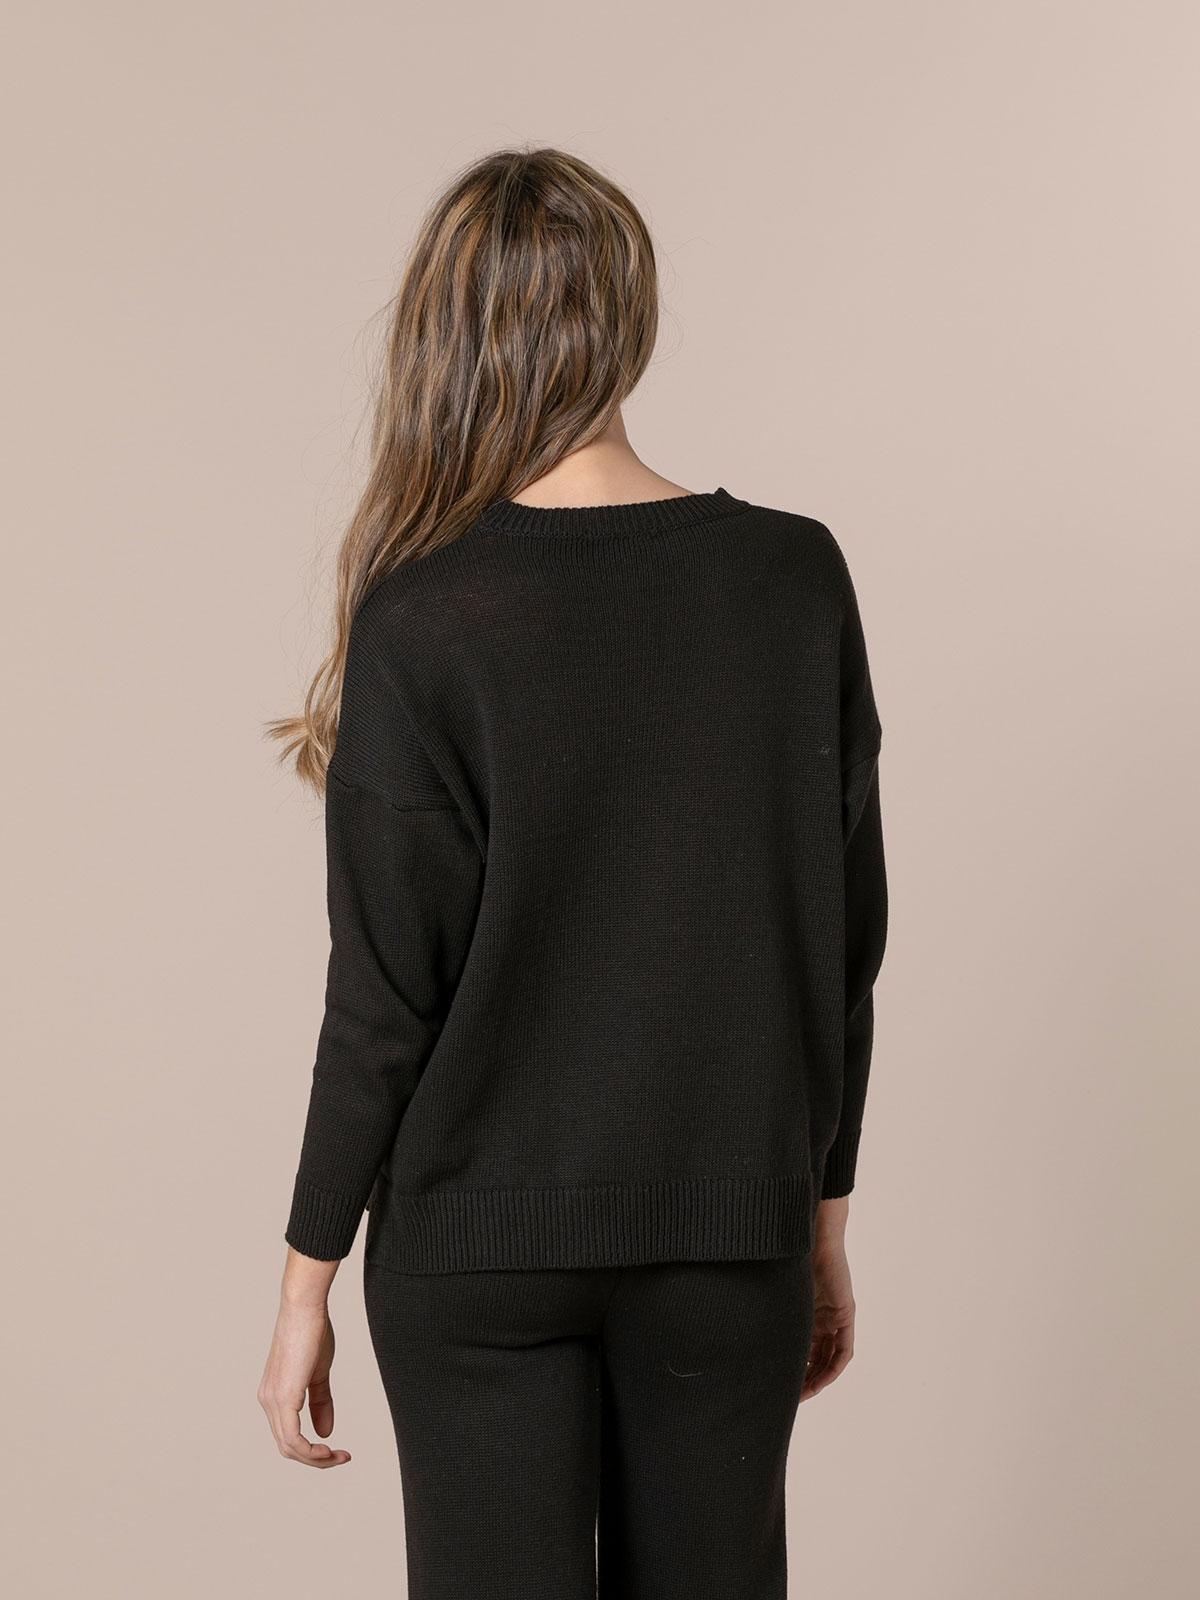 Jersey mujer punto de algodón Negro